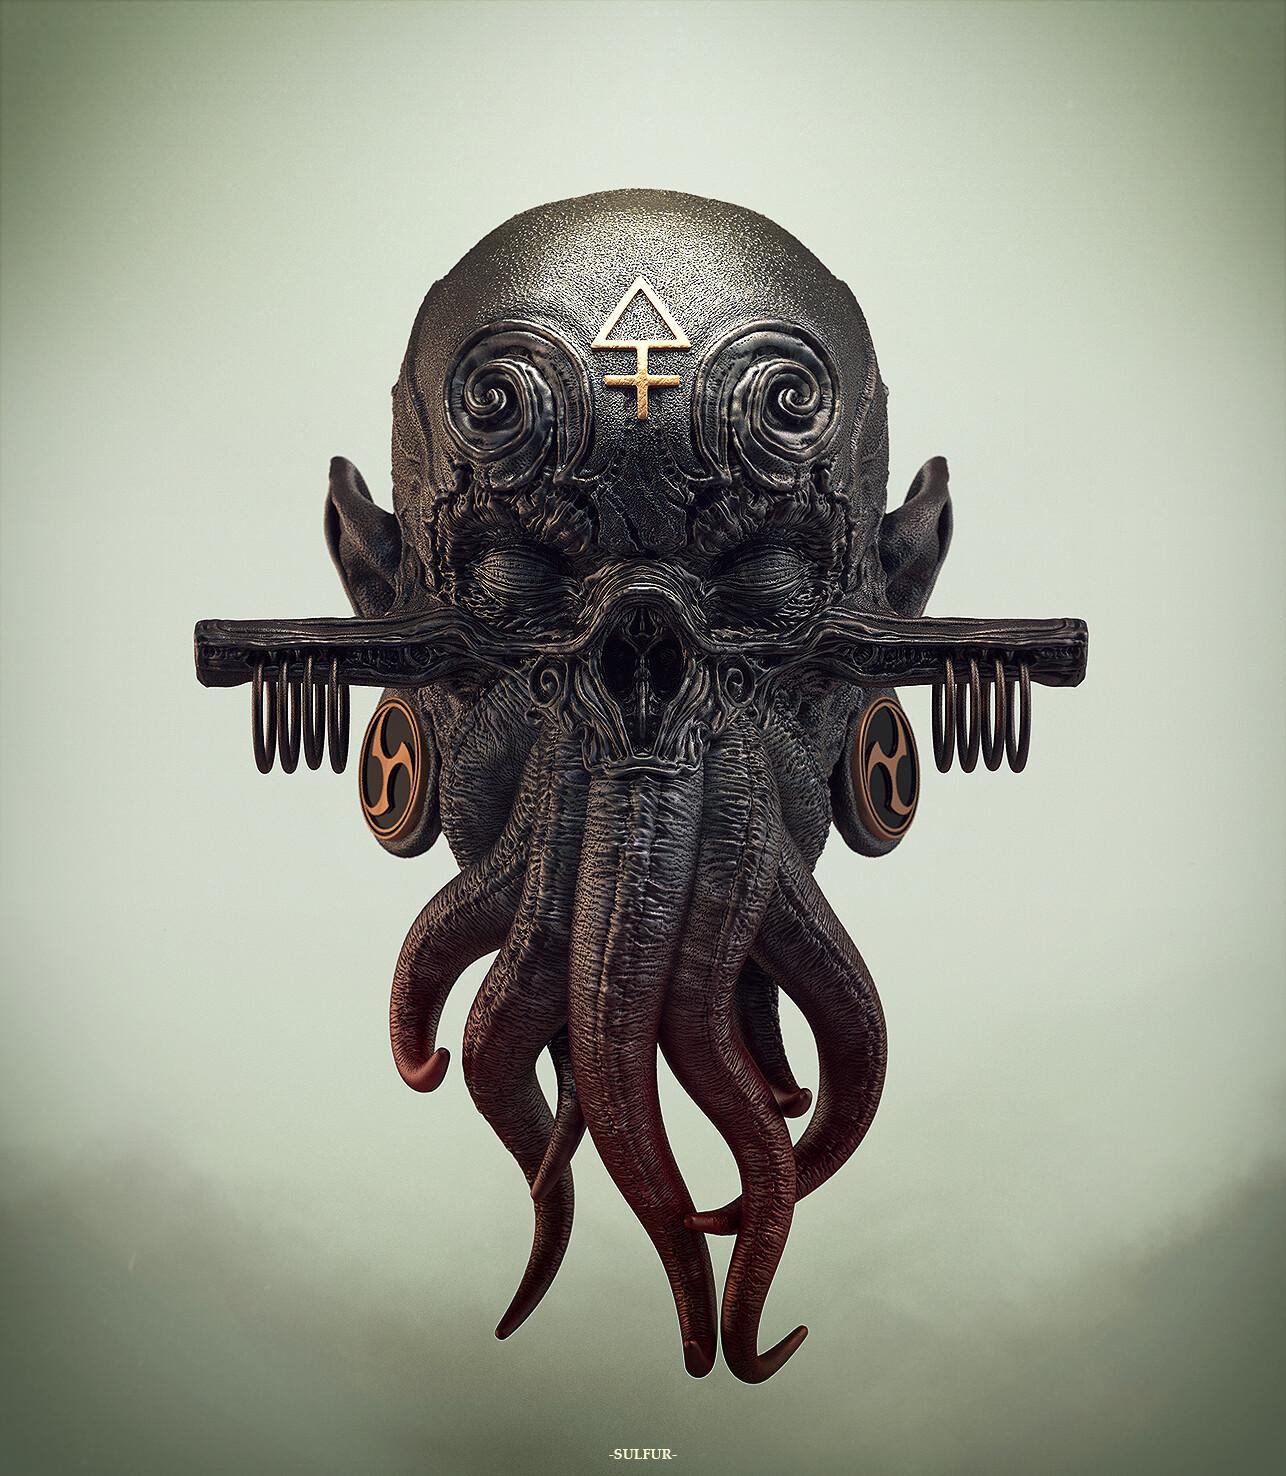 a shrunken Elder Spawn head